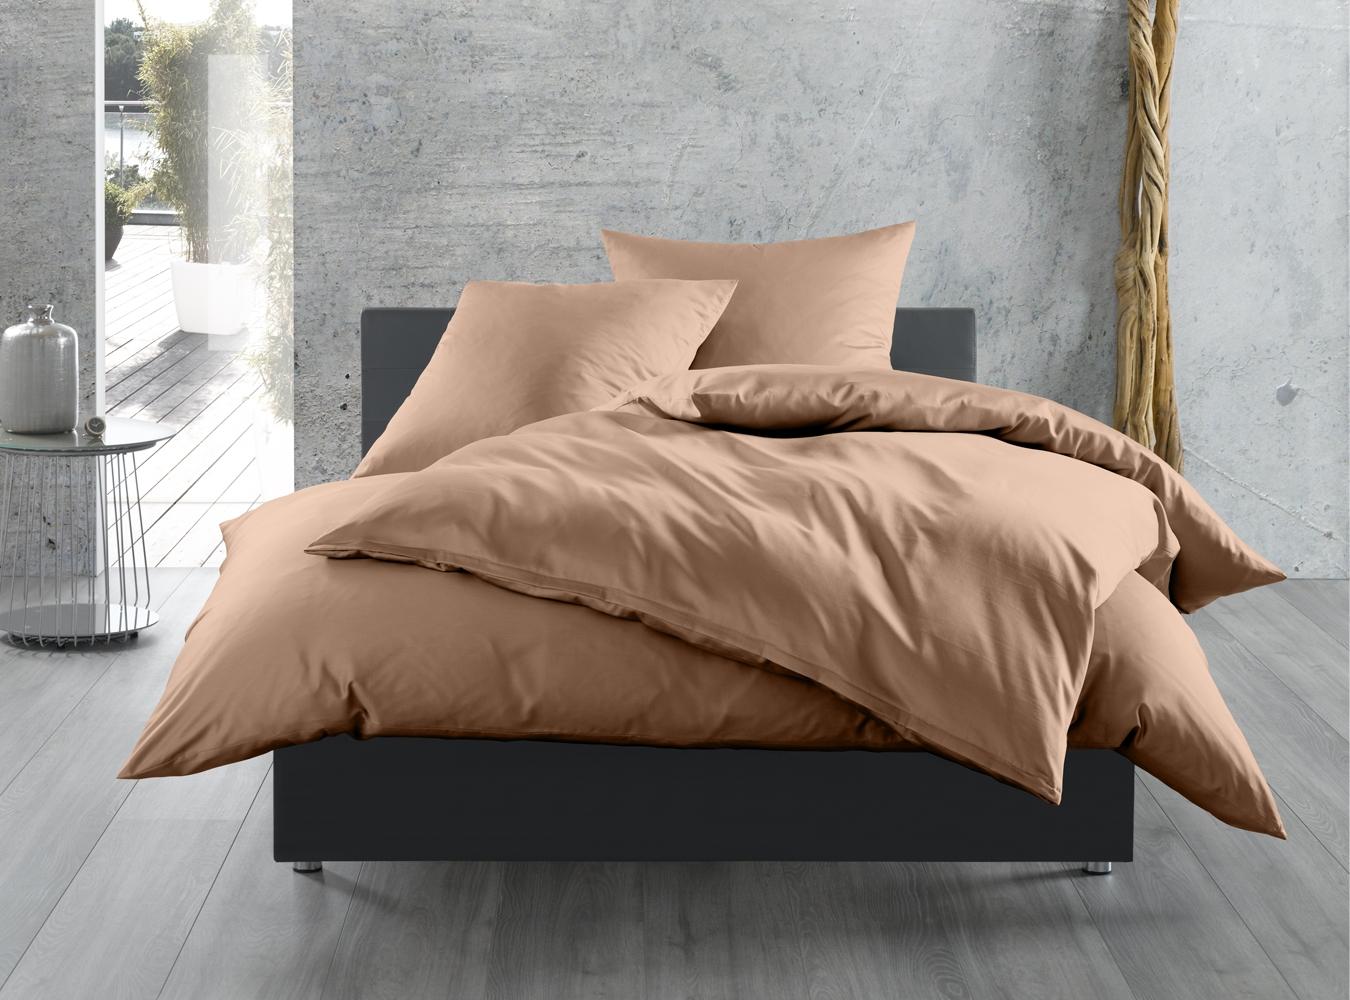 bettw sche hellbraun kaufen auf bettwaesche mit. Black Bedroom Furniture Sets. Home Design Ideas